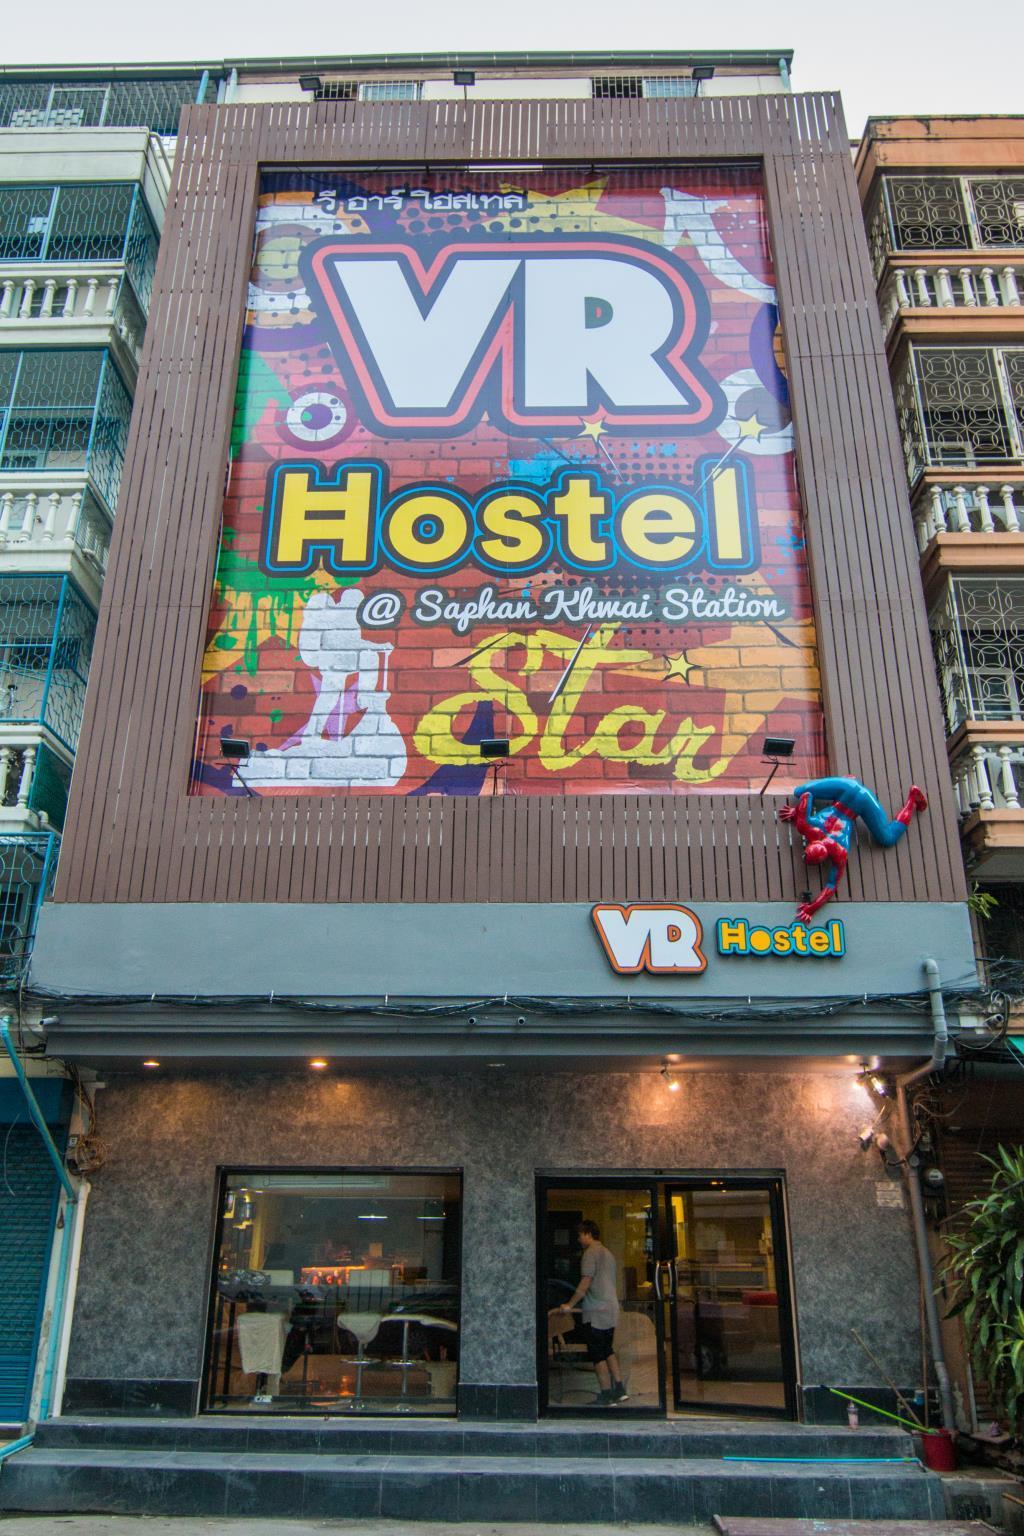 VR Hostel,วีอาร์ โฮสเทล